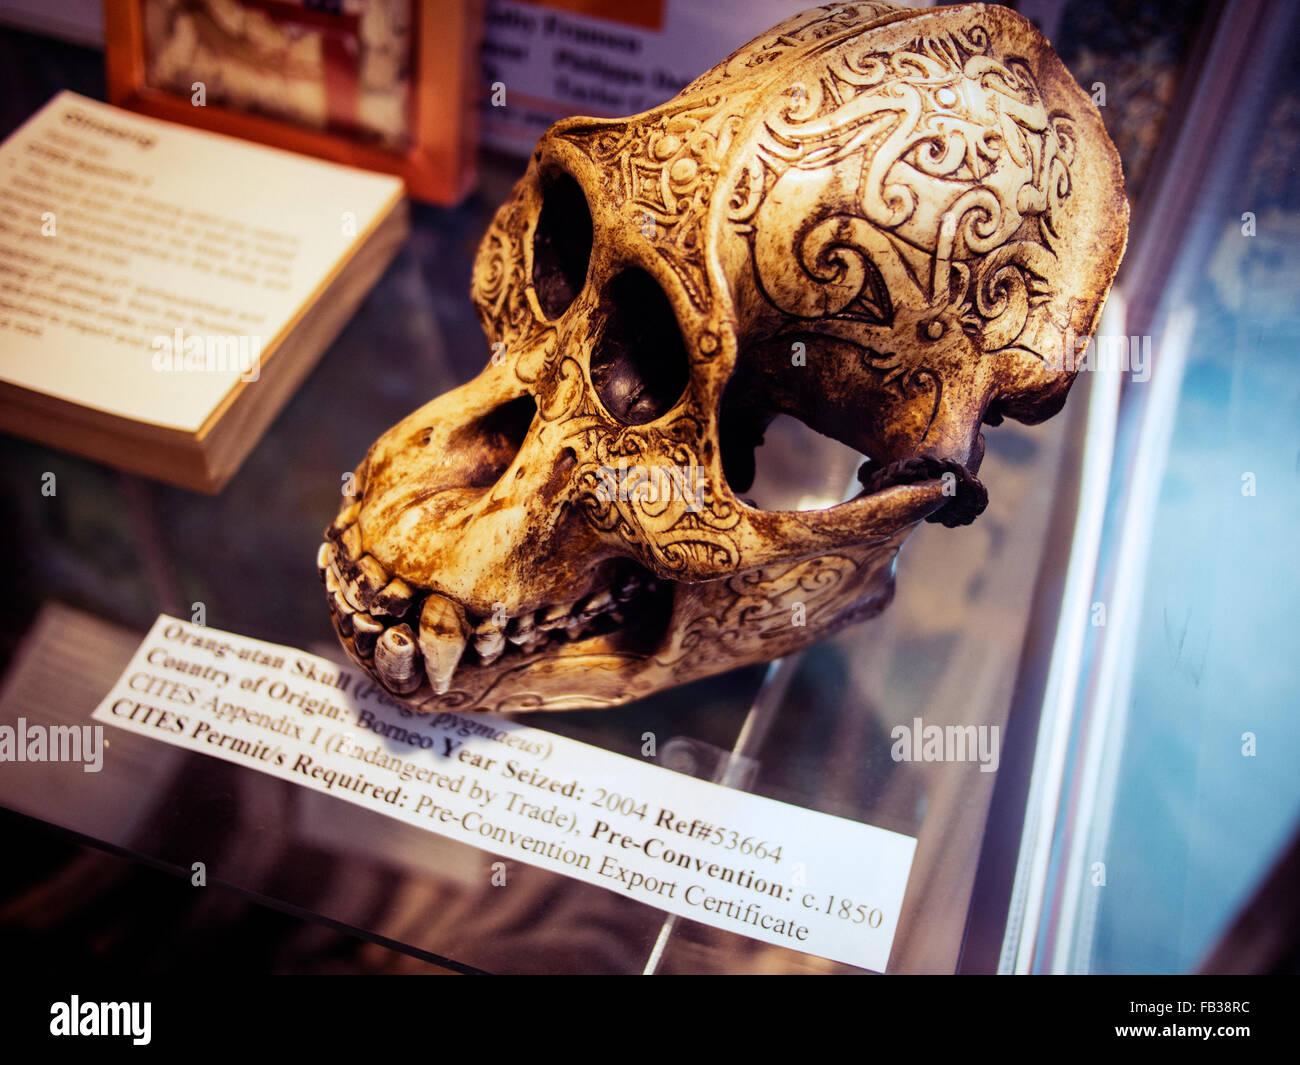 Crâne de l'orang-outan saisis par les douanes à l'importation illégale de la Nouvelle-Zélande Photo Stock